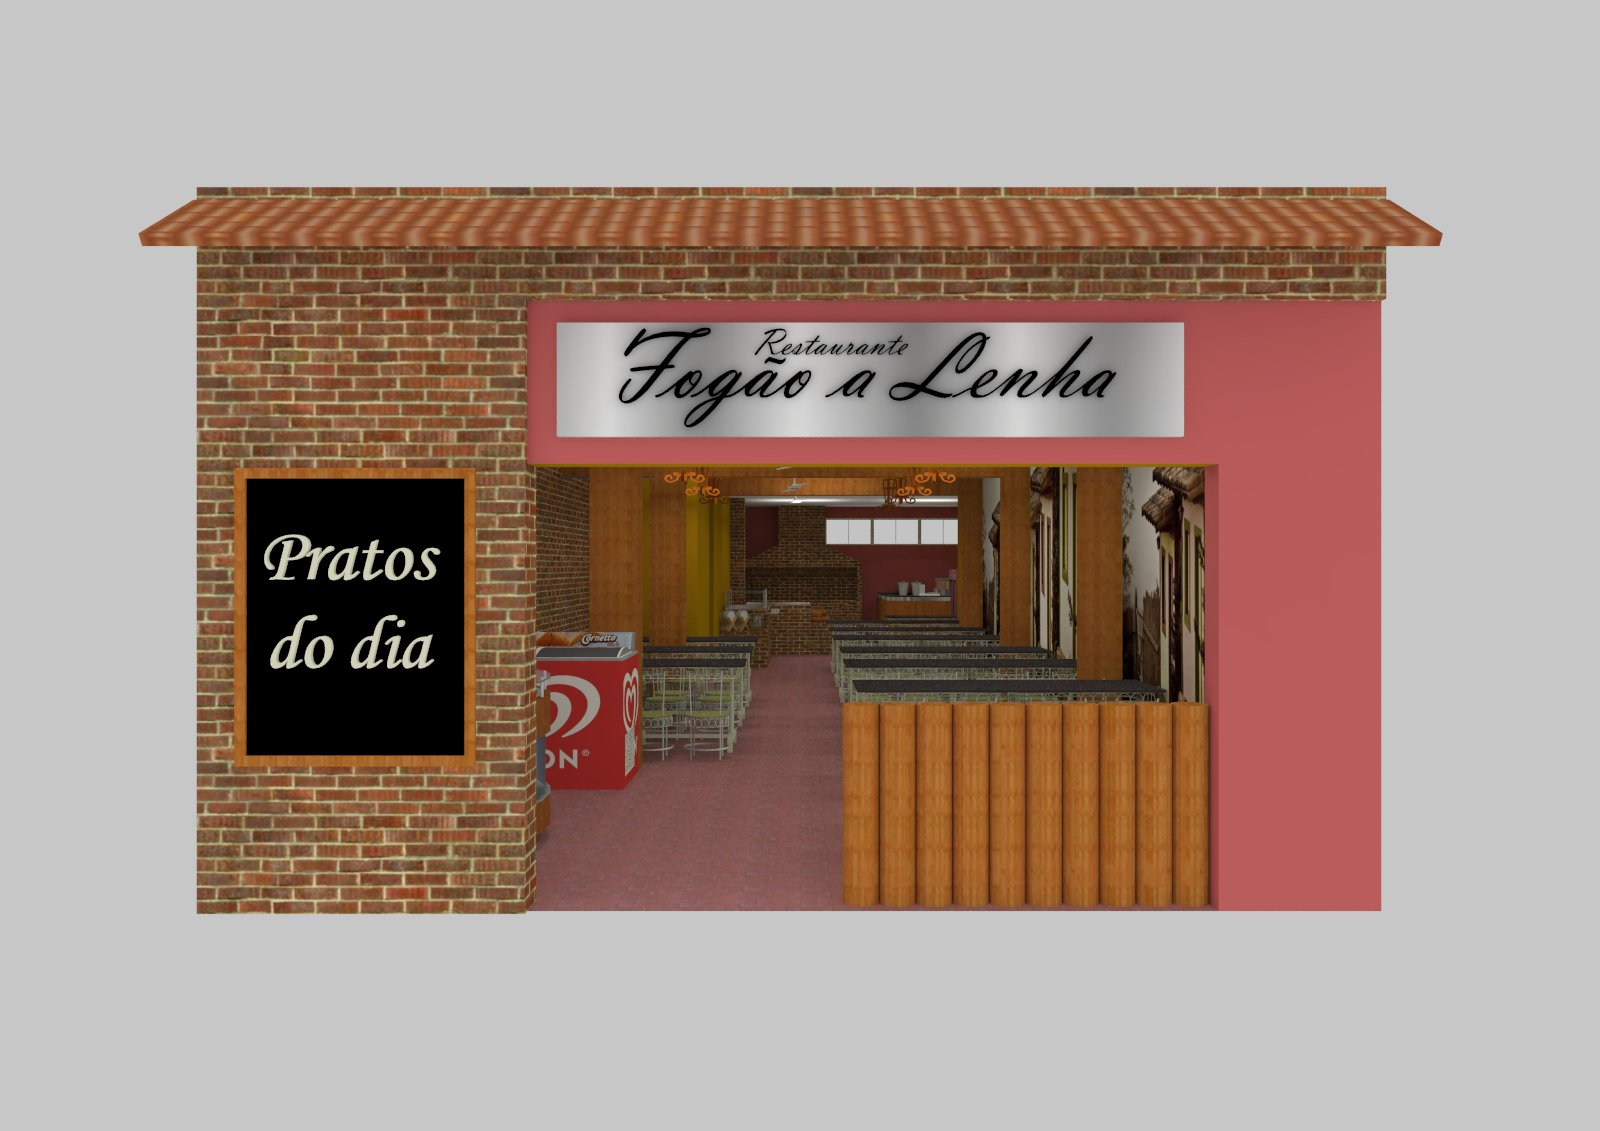 us Arquitetura: Restaurante Fogão a Lenha Inhapim MG. #955336 1600 1131